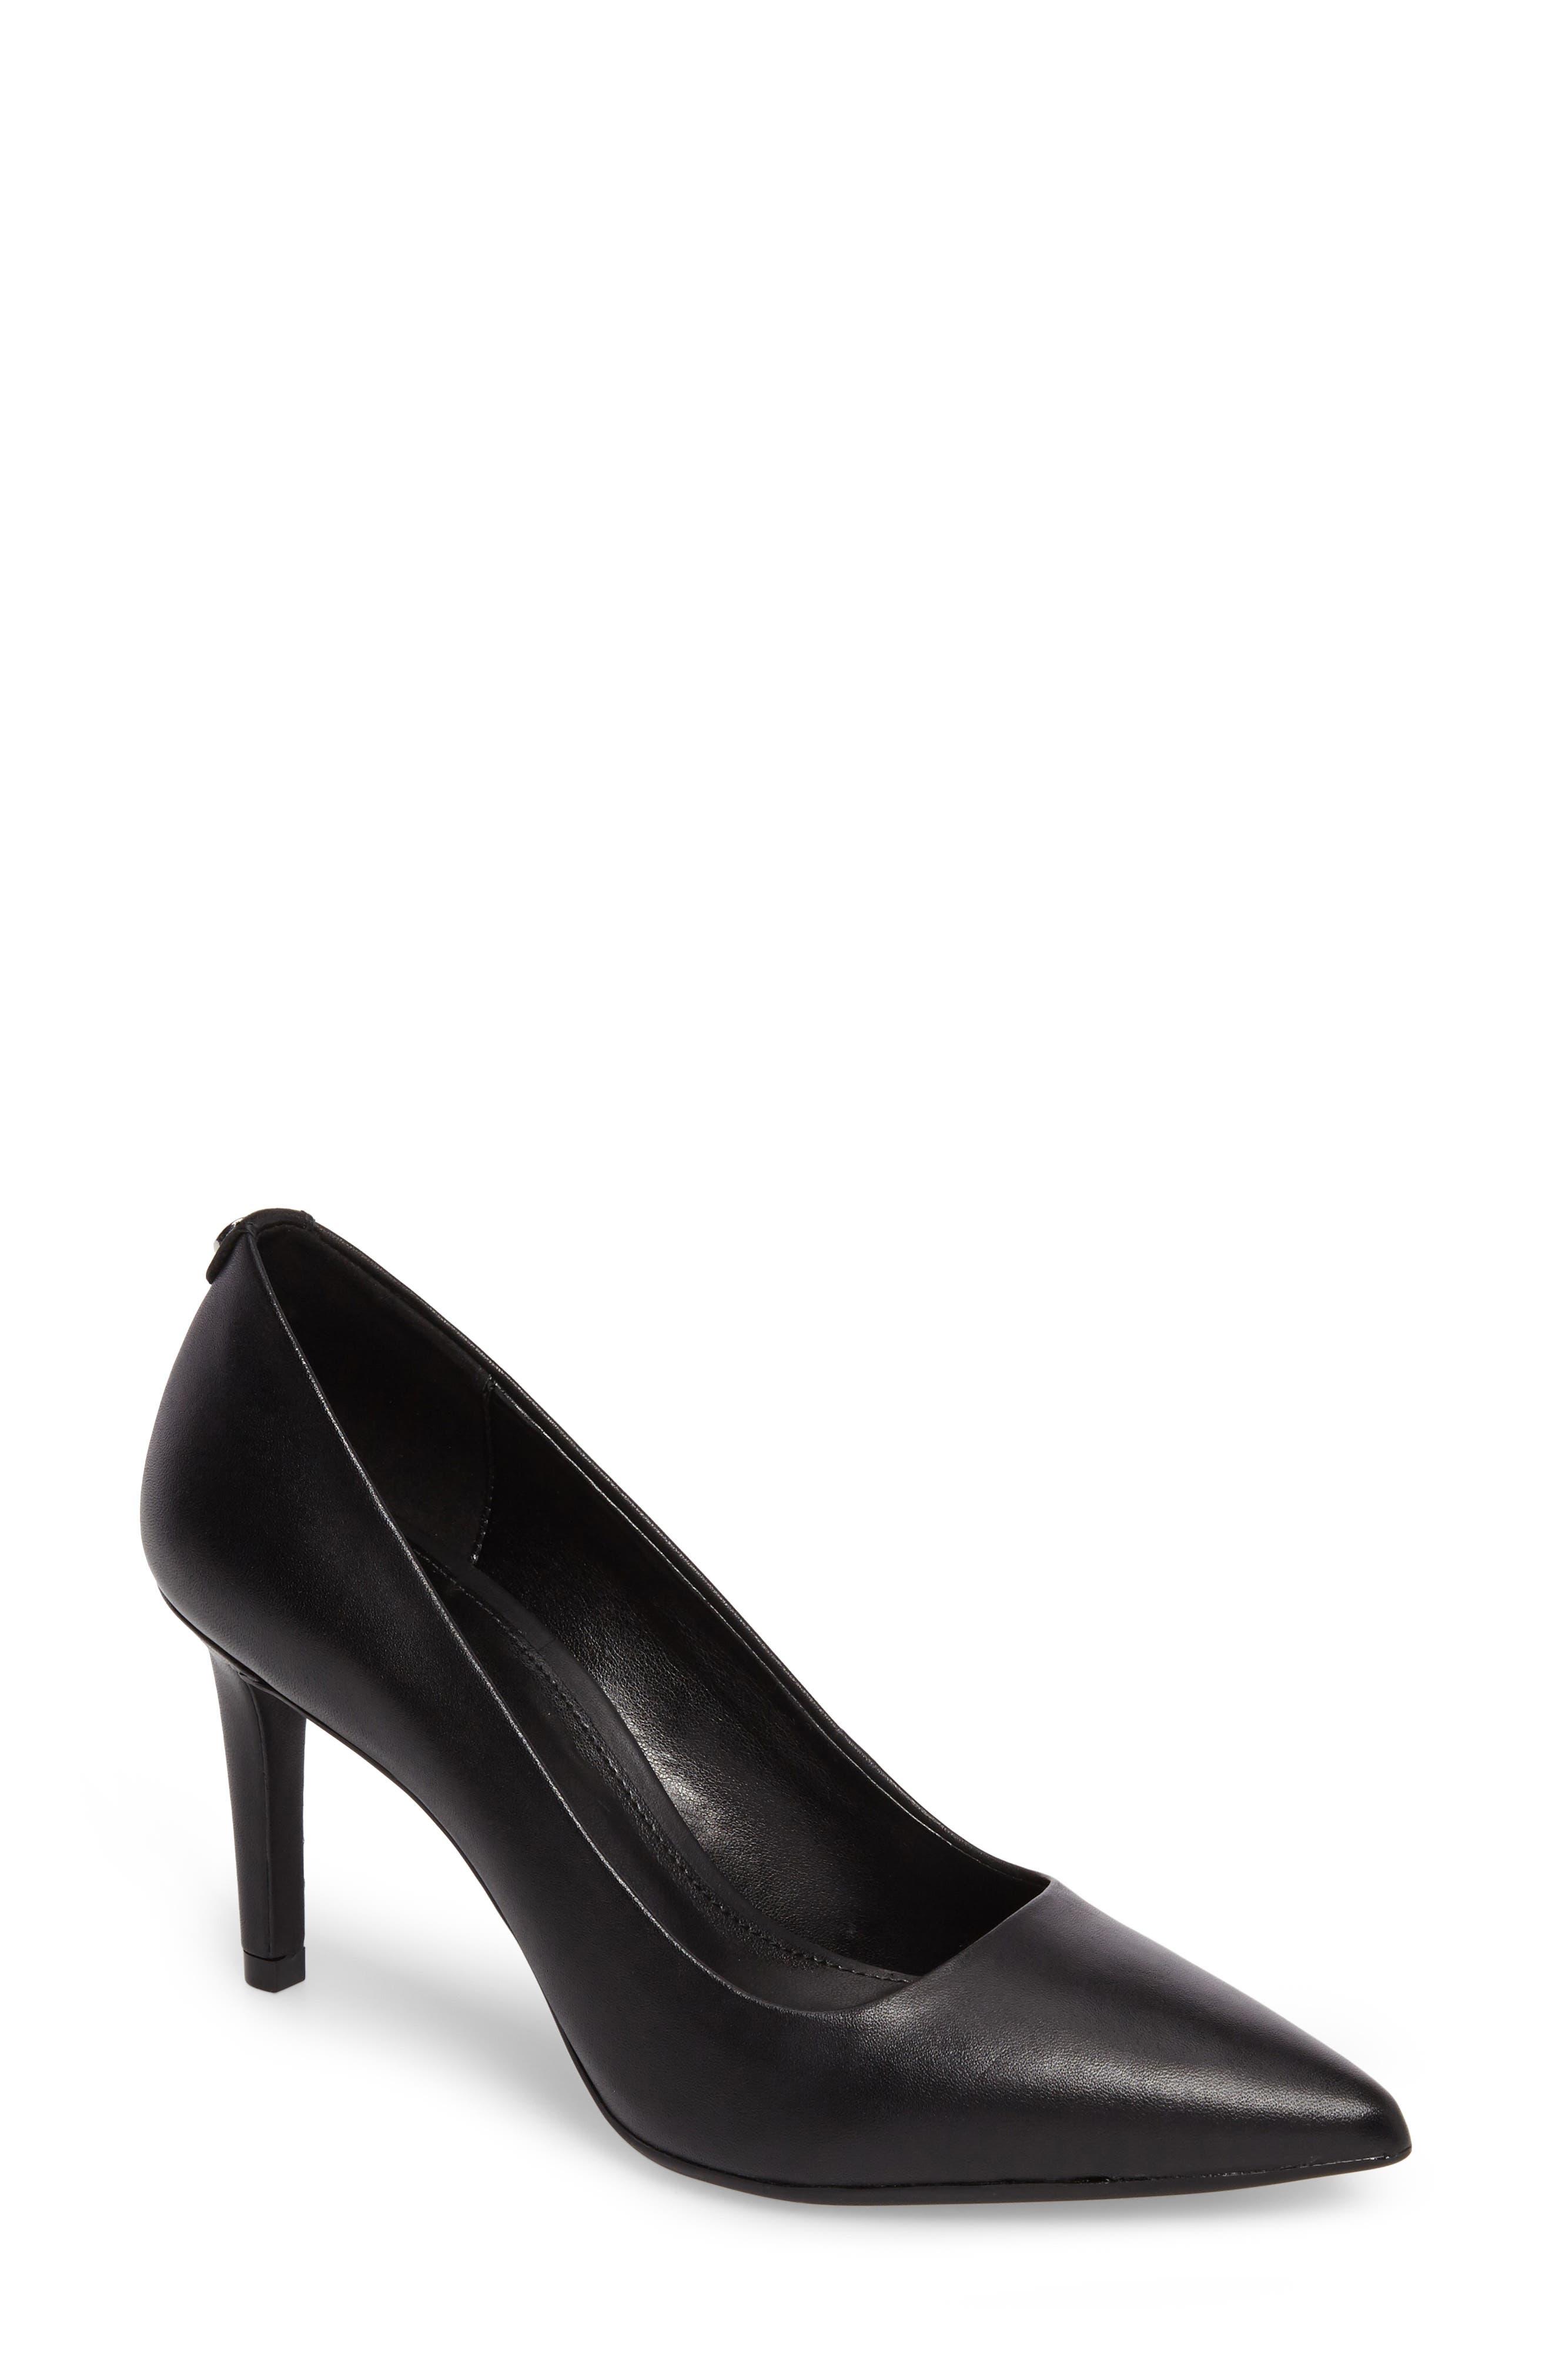 Women's MICHAEL Michael Kors Heels | Nordstrom